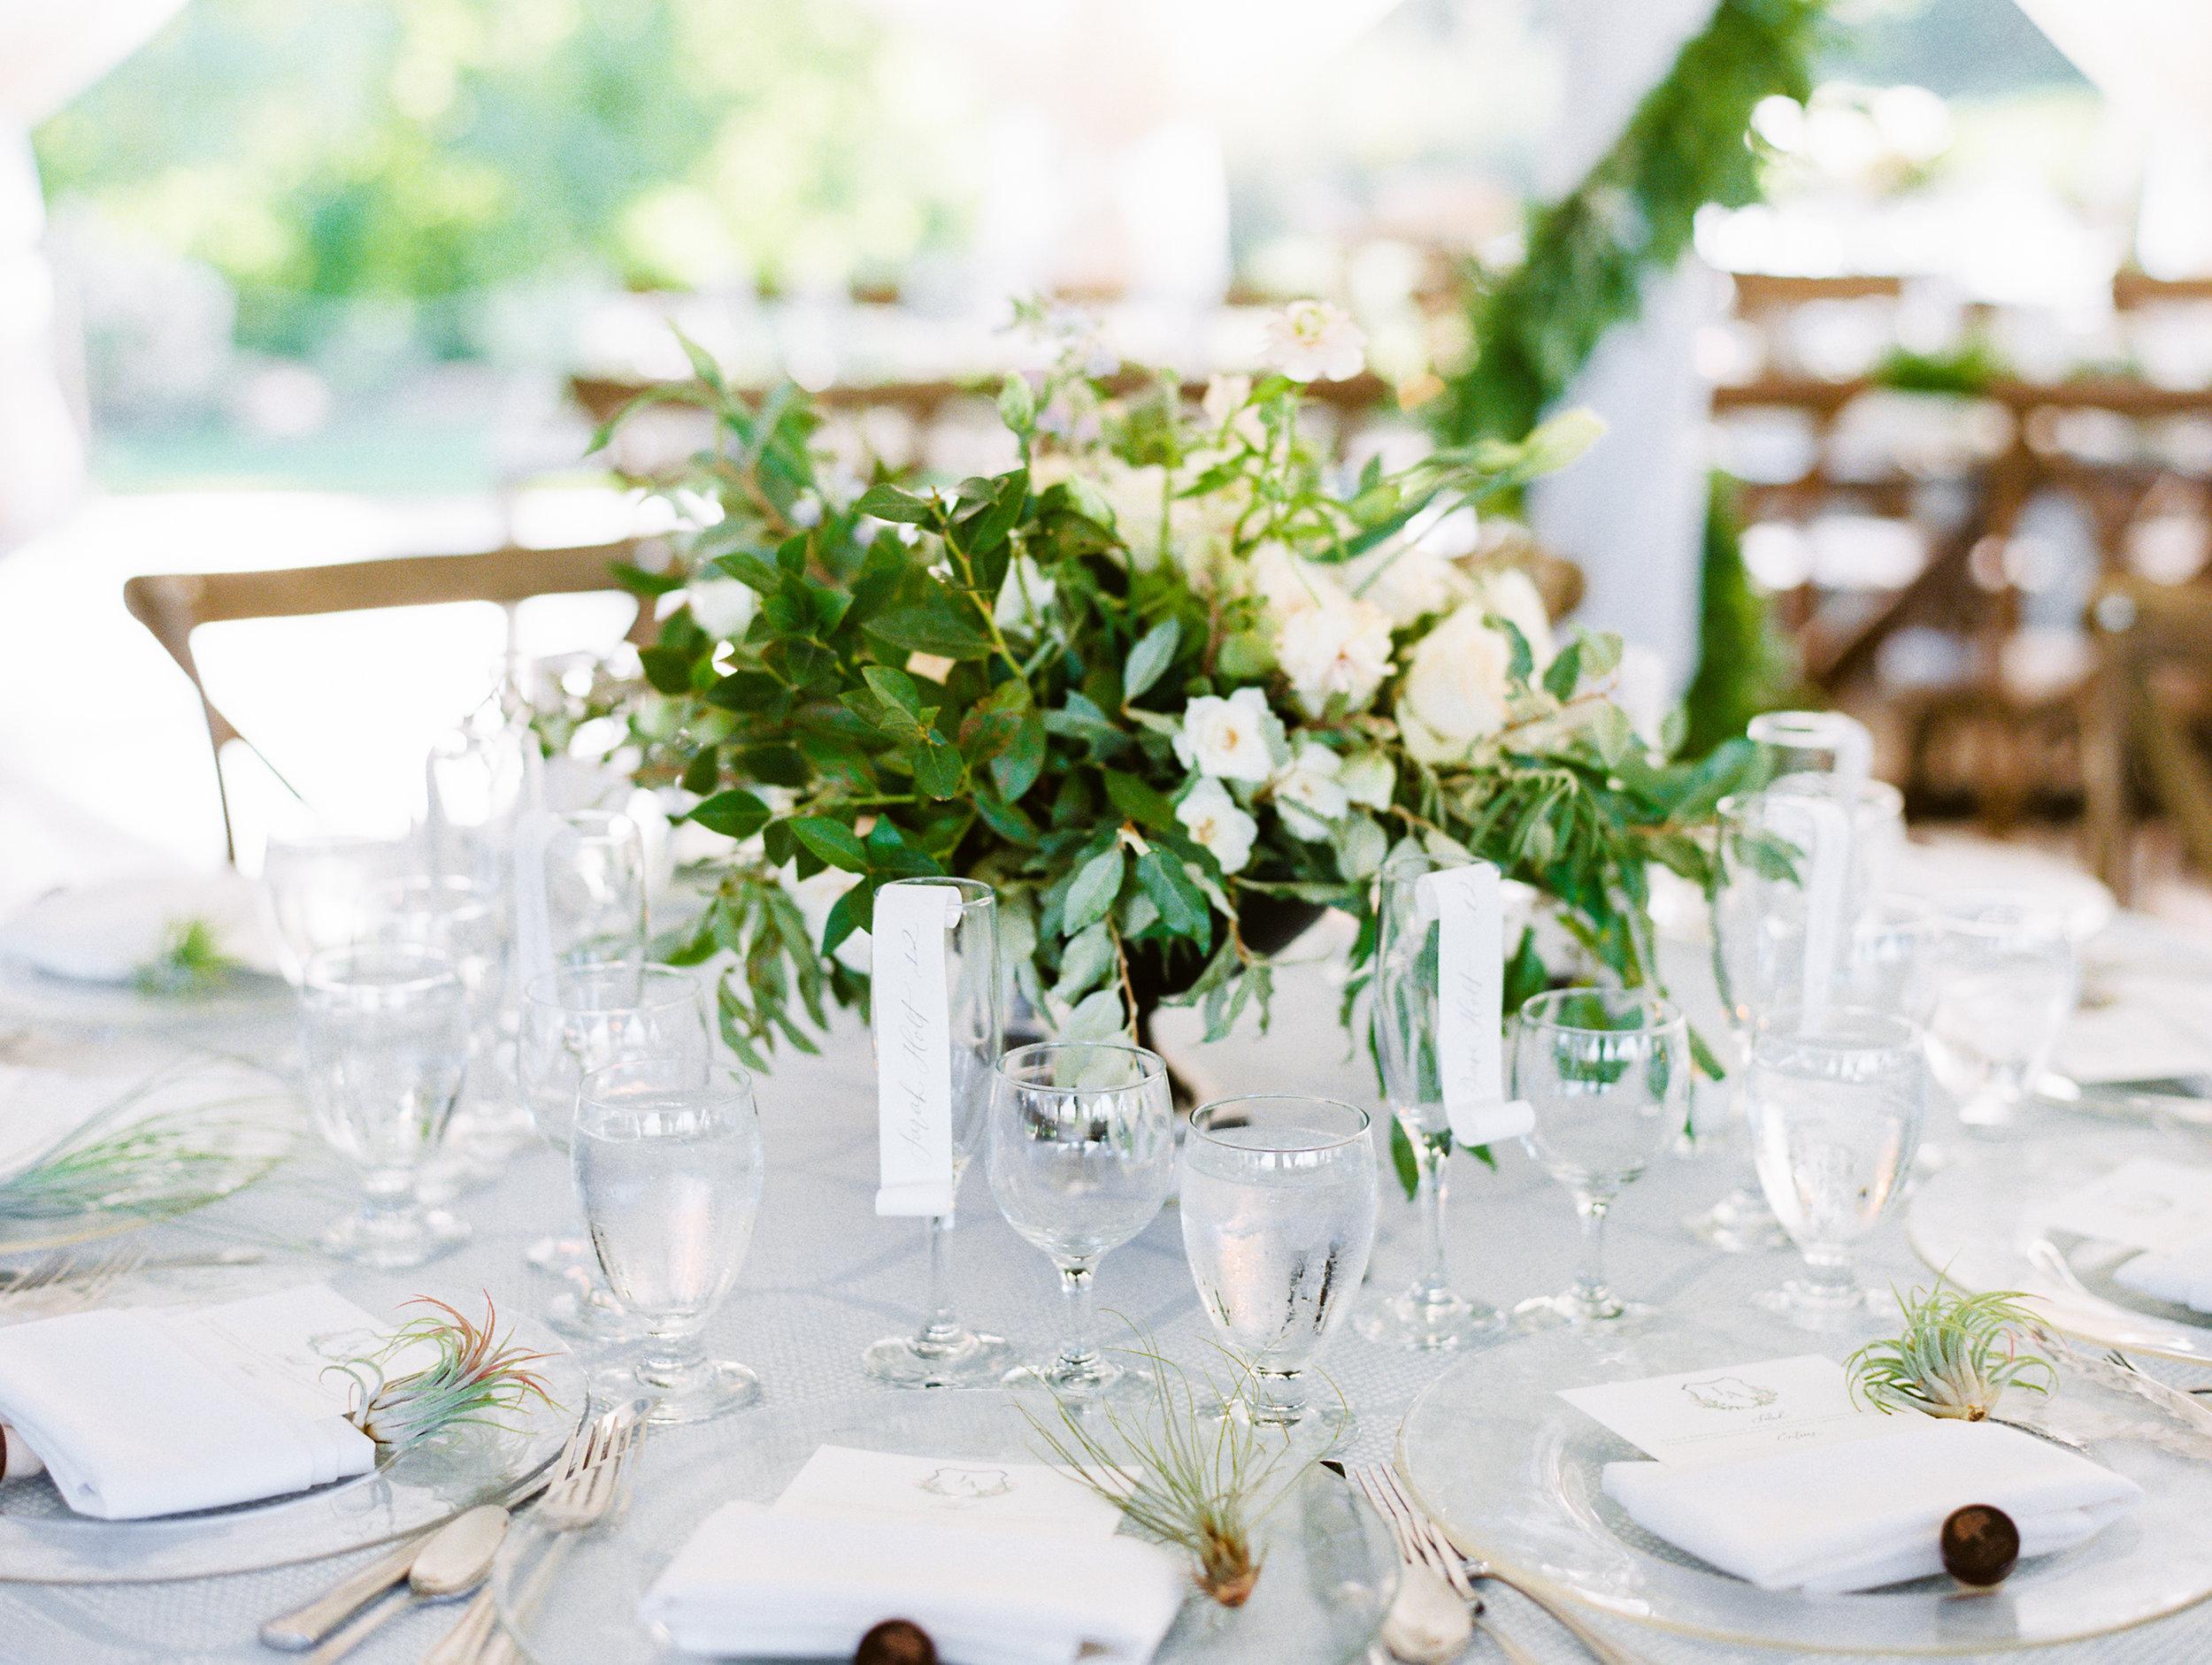 Steinlage+Wedding+Reception+Details-140.jpg